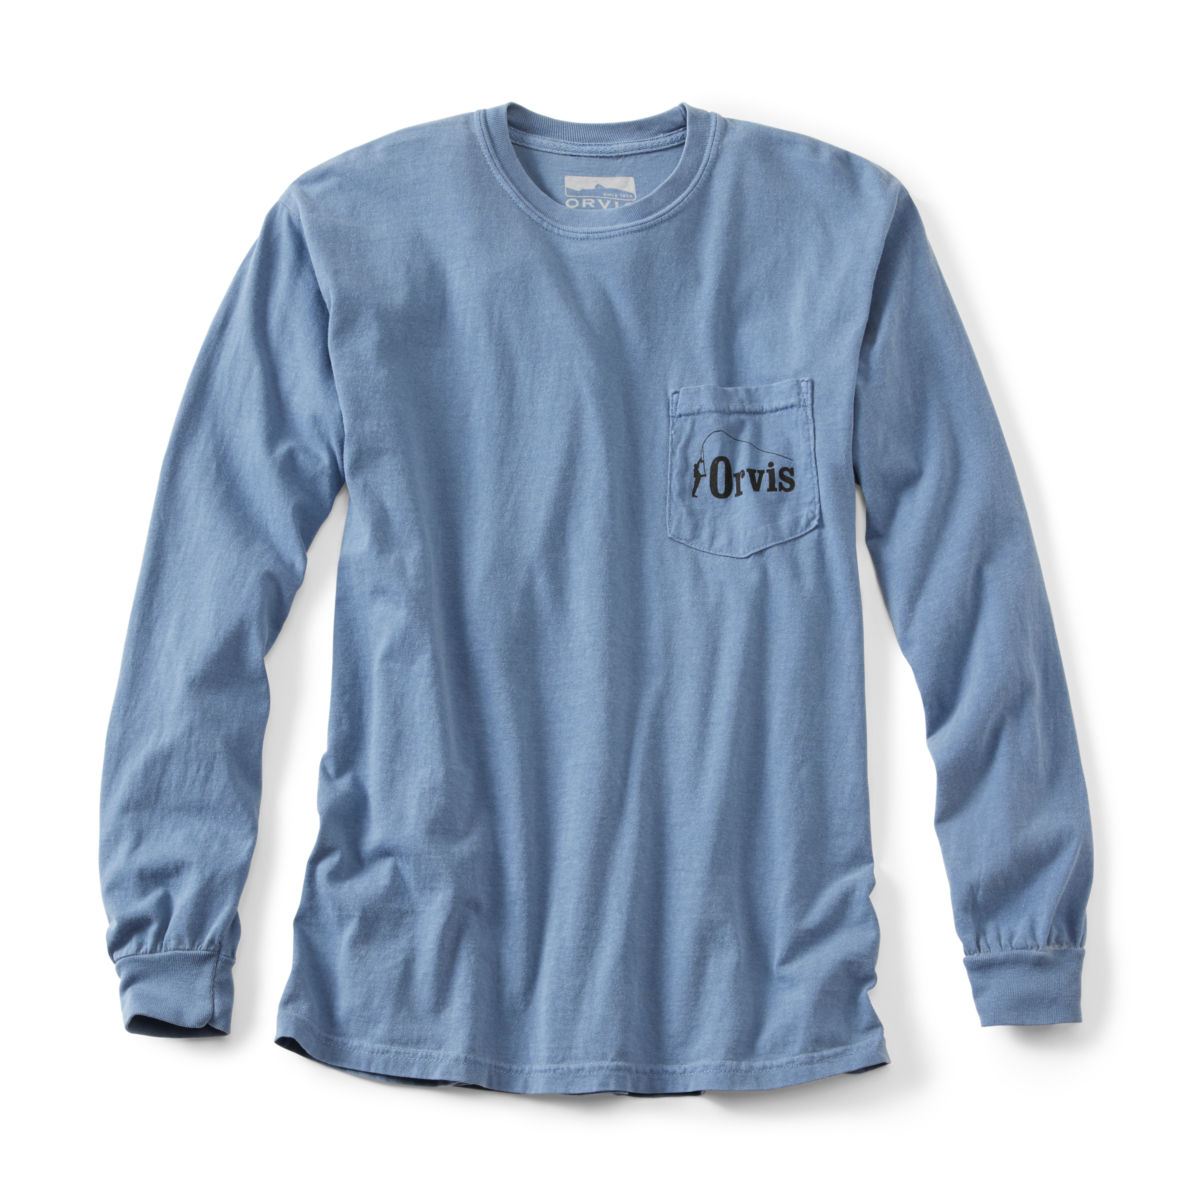 Endless Skyline Long-Sleeved Pocket T-Shirt - image number 0